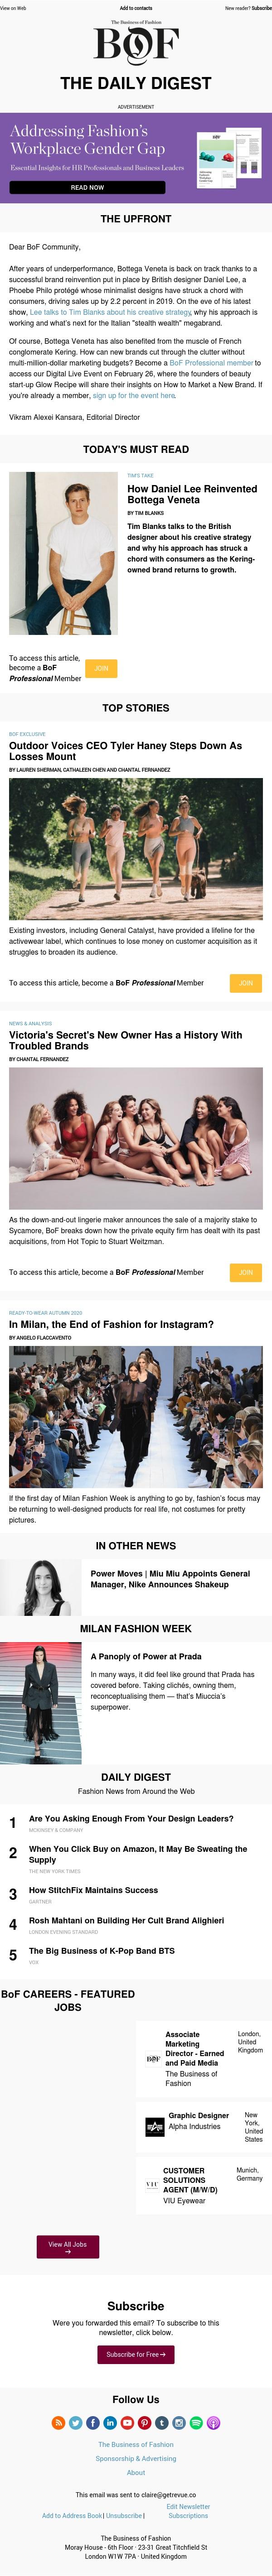 Inside Bottega Veneta's Reinvention